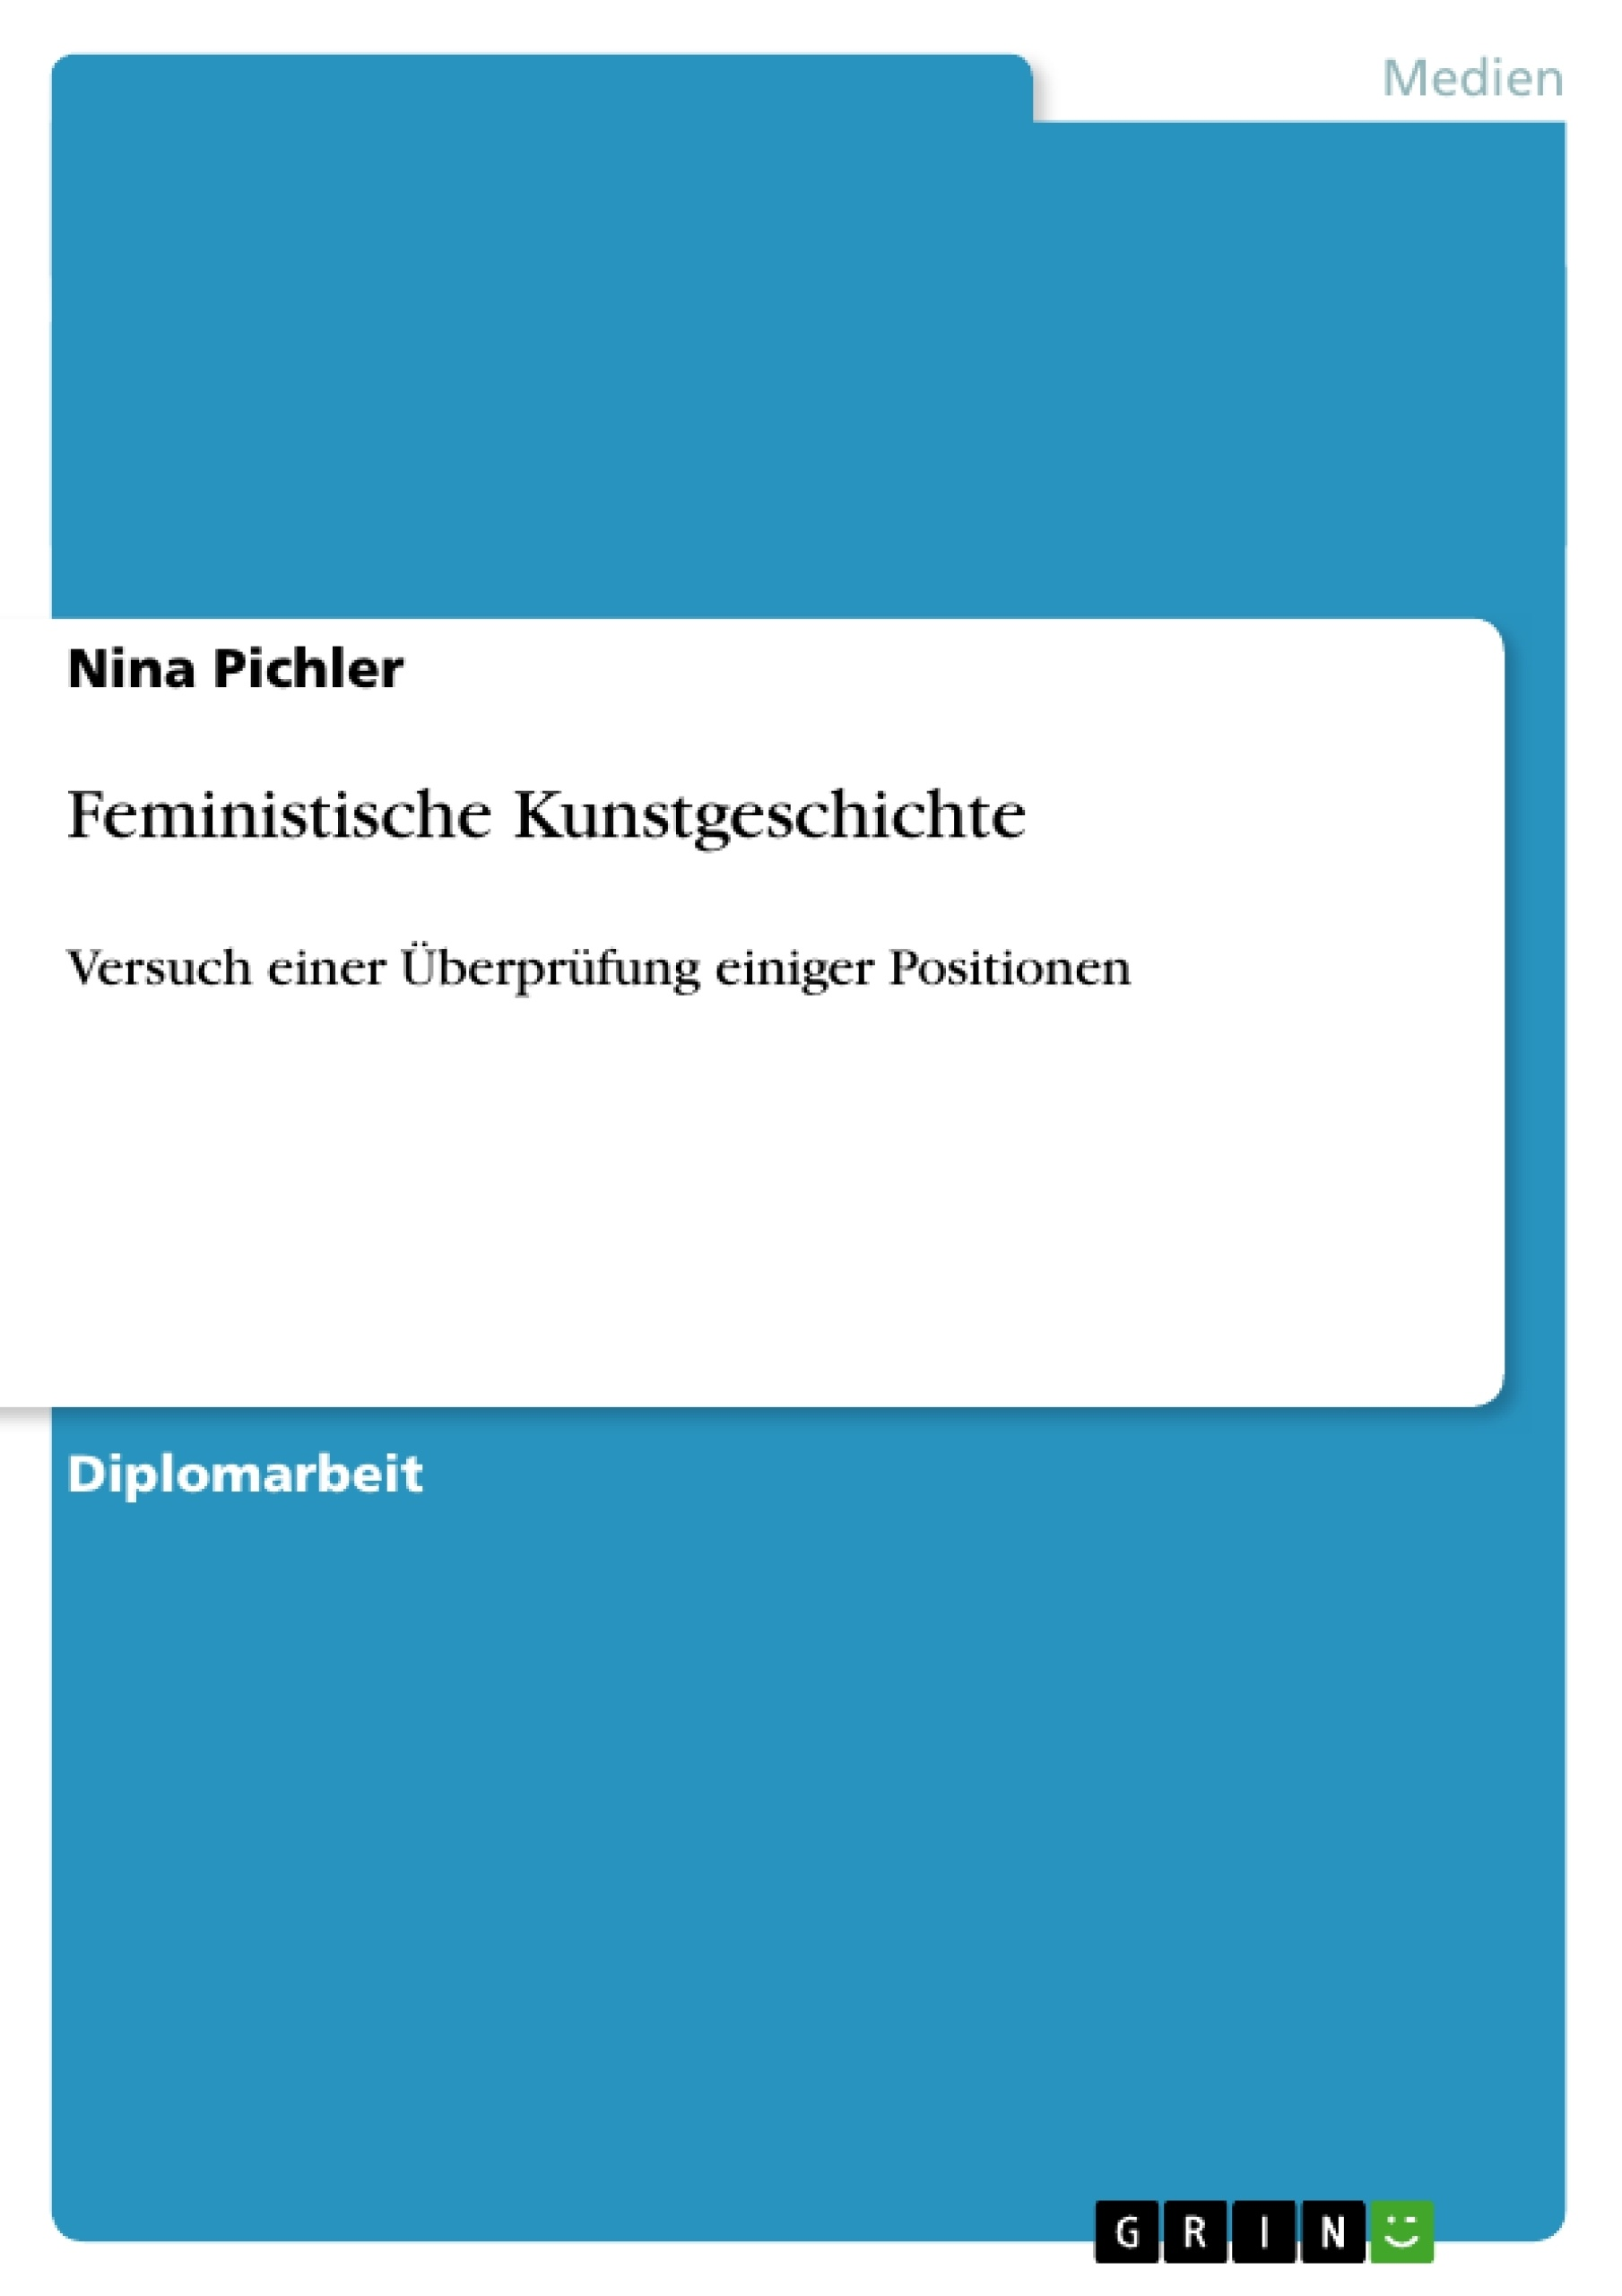 Titel: Feministische Kunstgeschichte